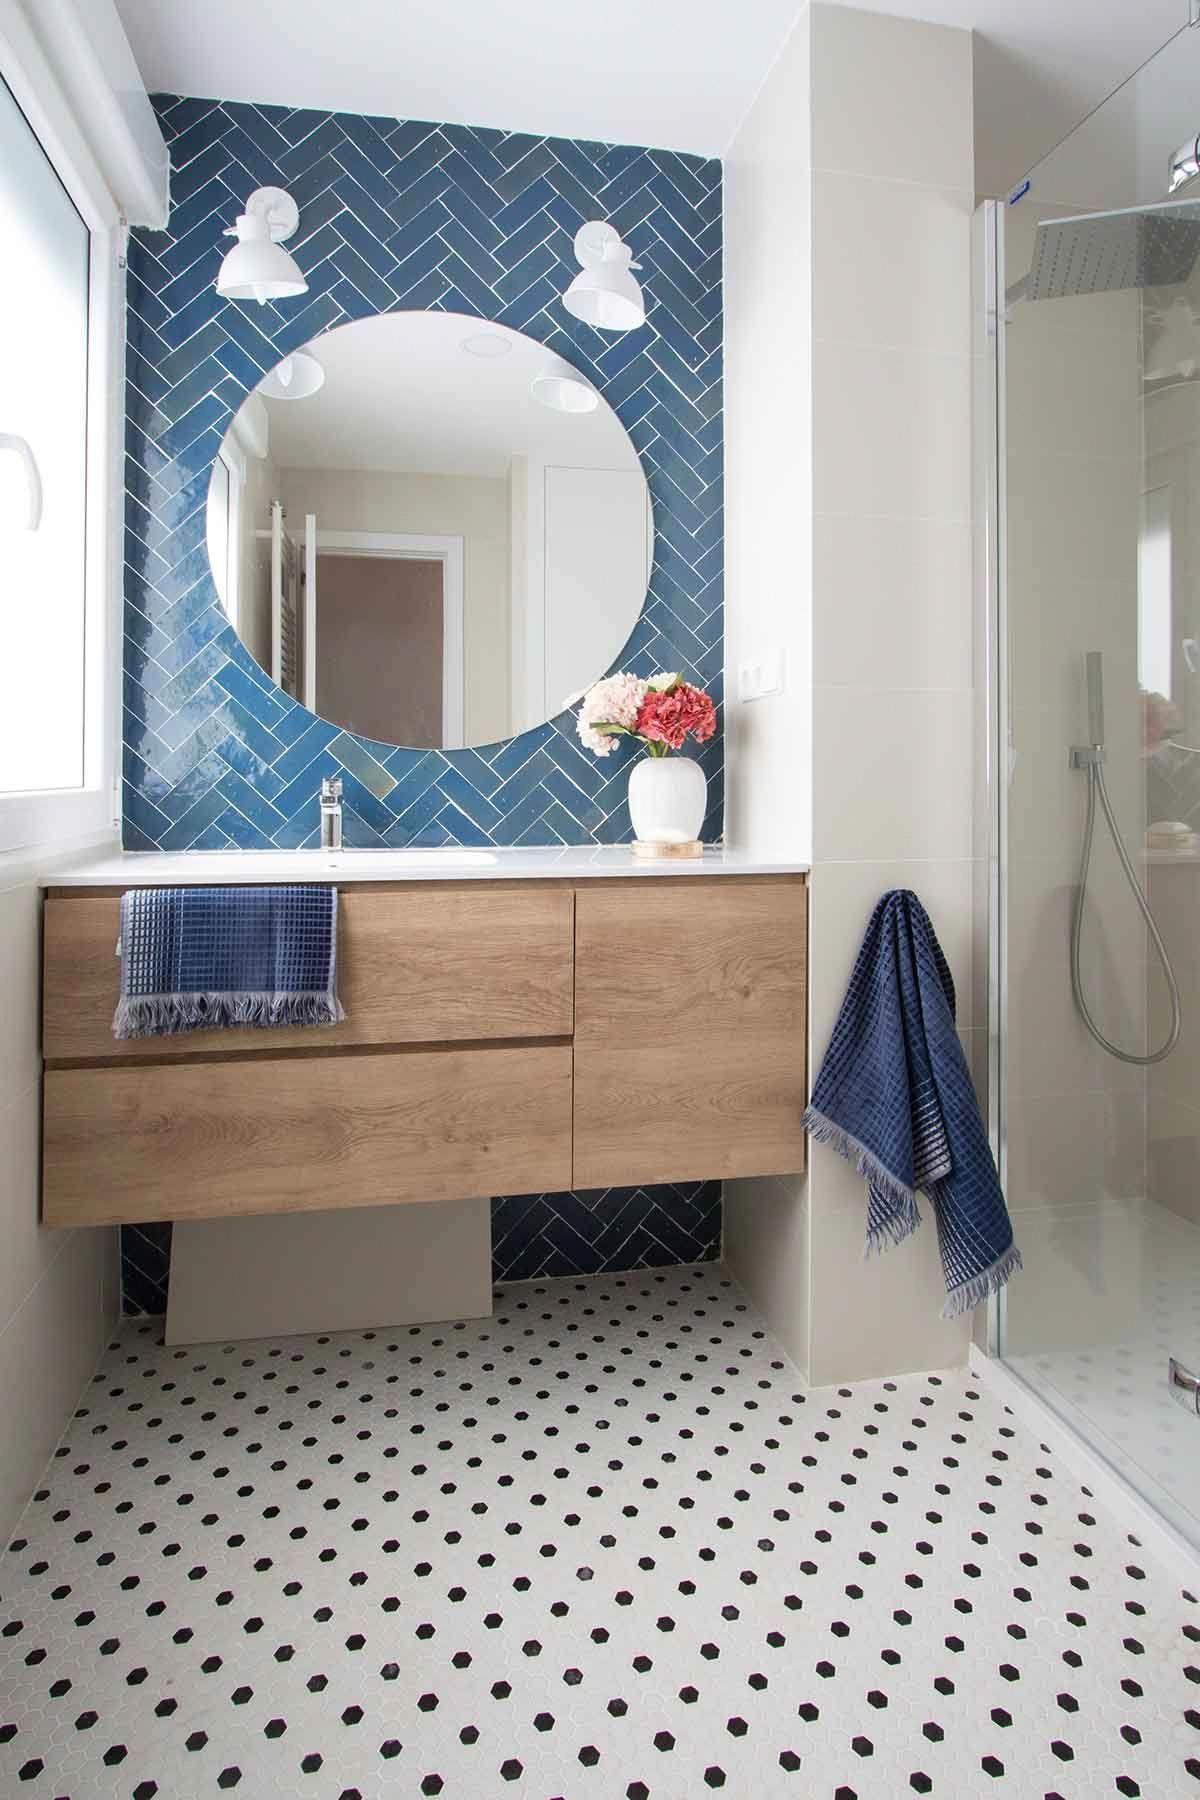 El Bano Ad Espana C D R Glassbathroomsink Com Imagens Acessorios De Banheiro Ideias Para Casas De Banho Banheiro Verde